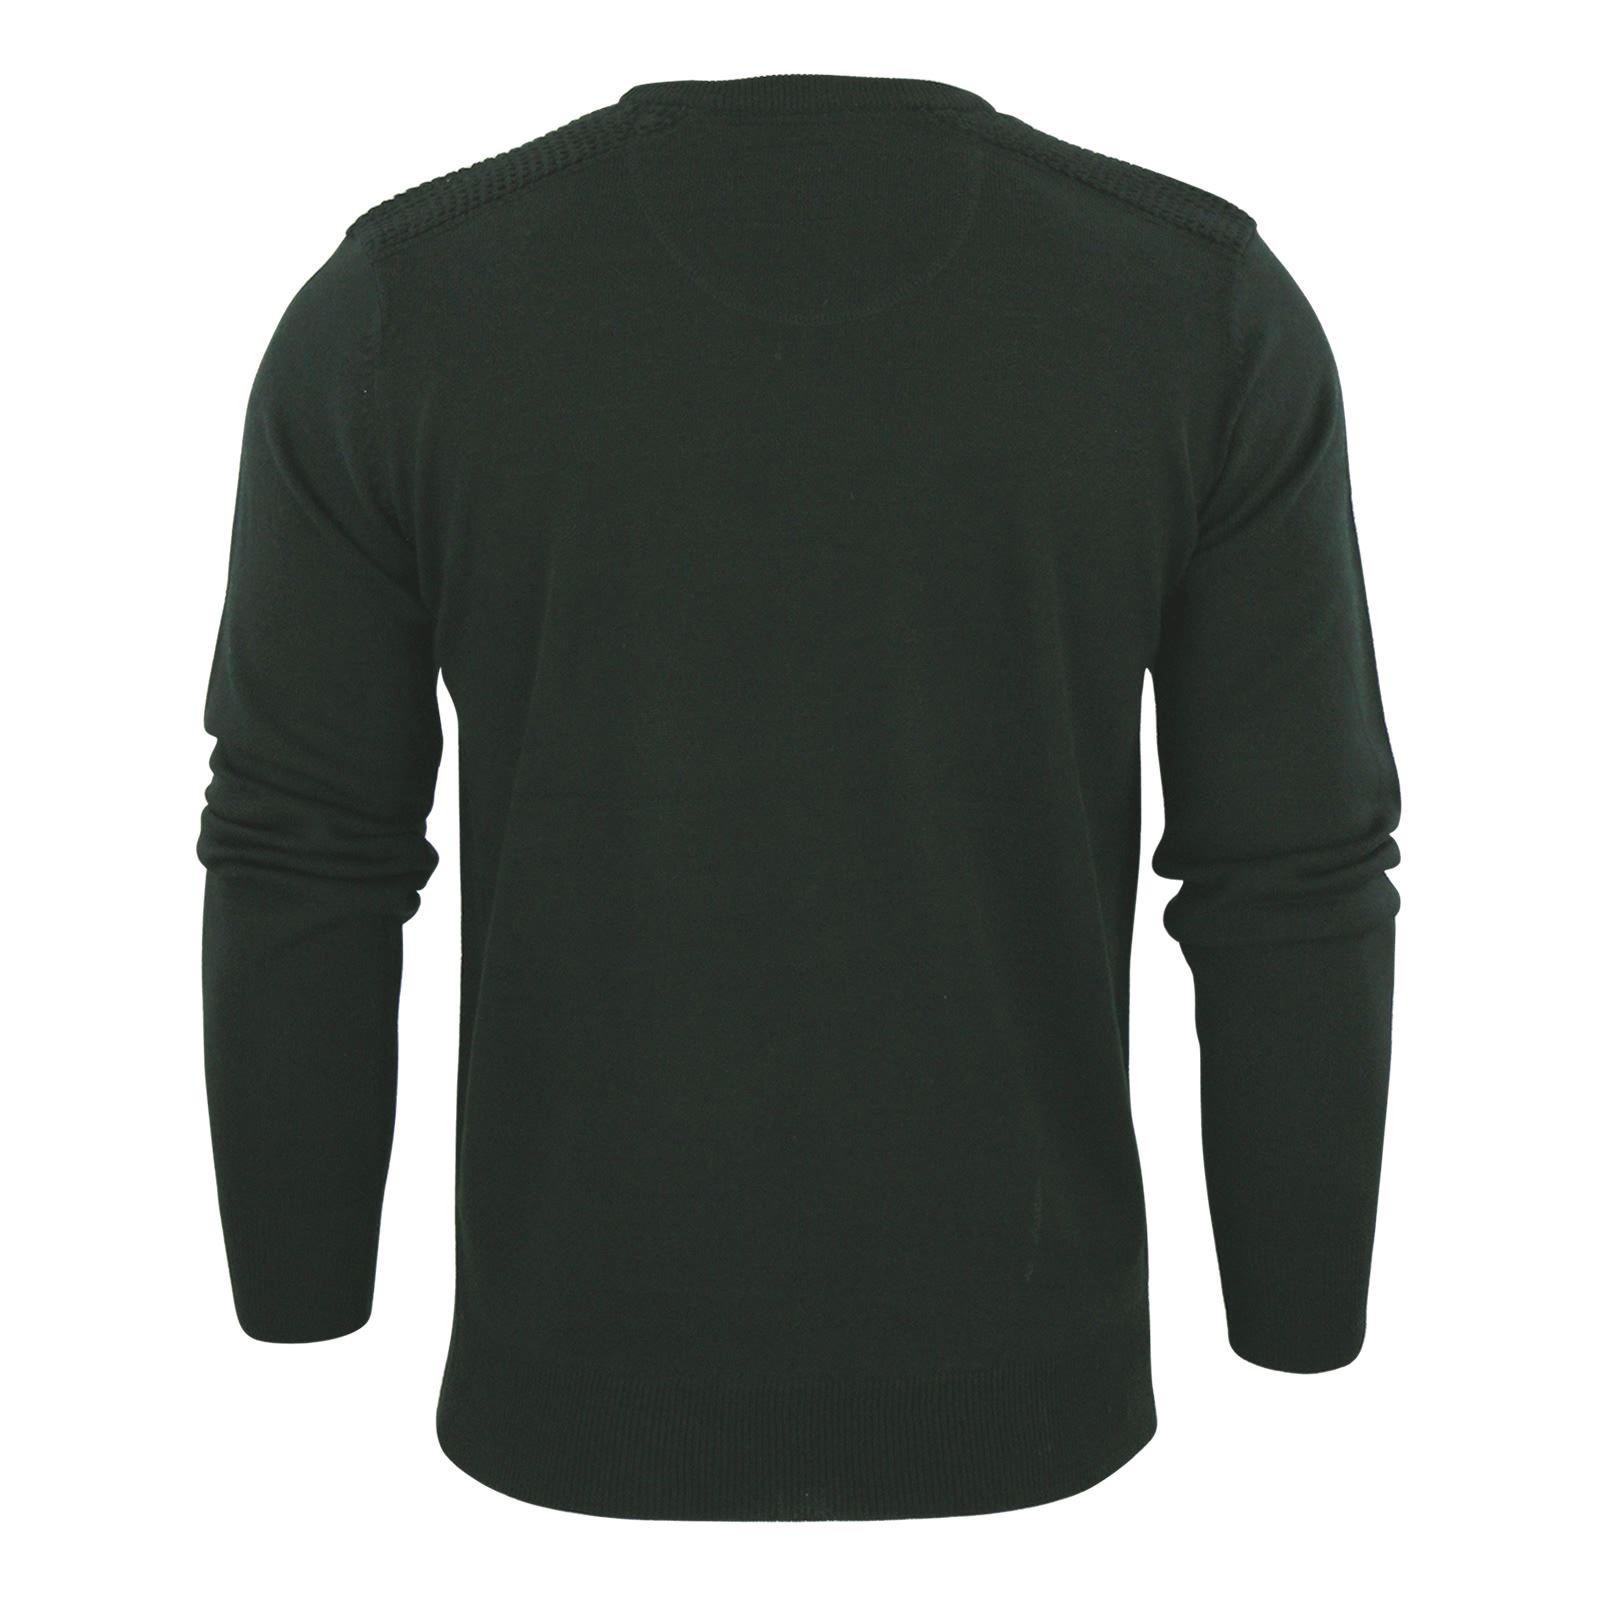 Brave-Soul-Luna-Mens-Jumper-Crew-Neck-Sweater-With-Shoulder-Detailing miniature 12